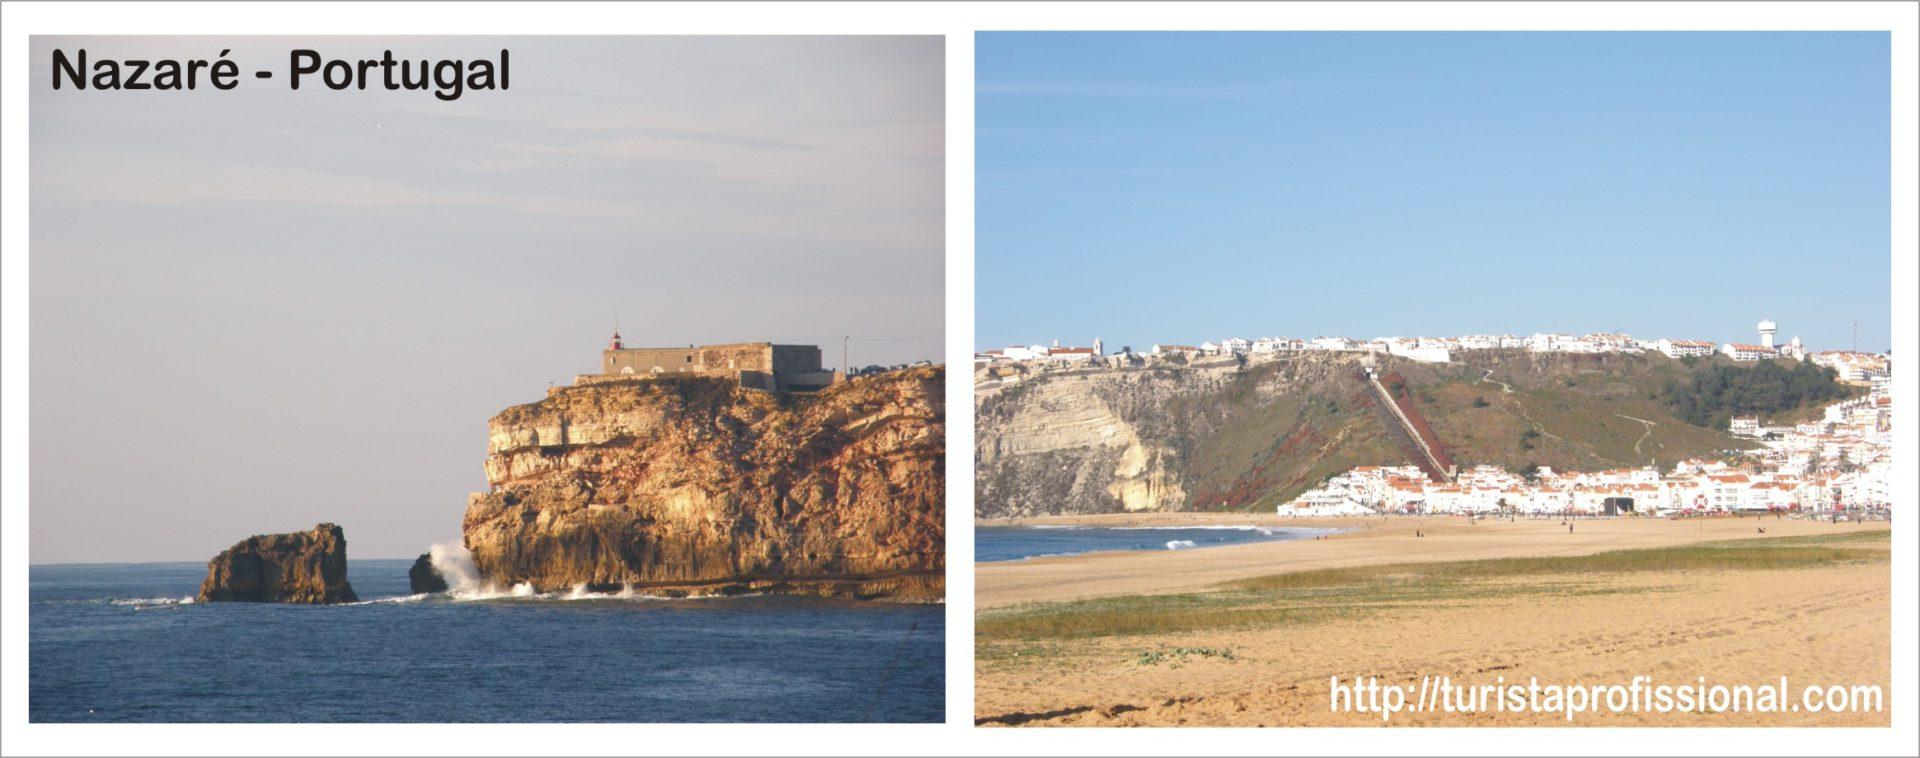 Nazaré Portugal Forte e Funicular - Nazaré, Portugal: como chegar e o que fazer